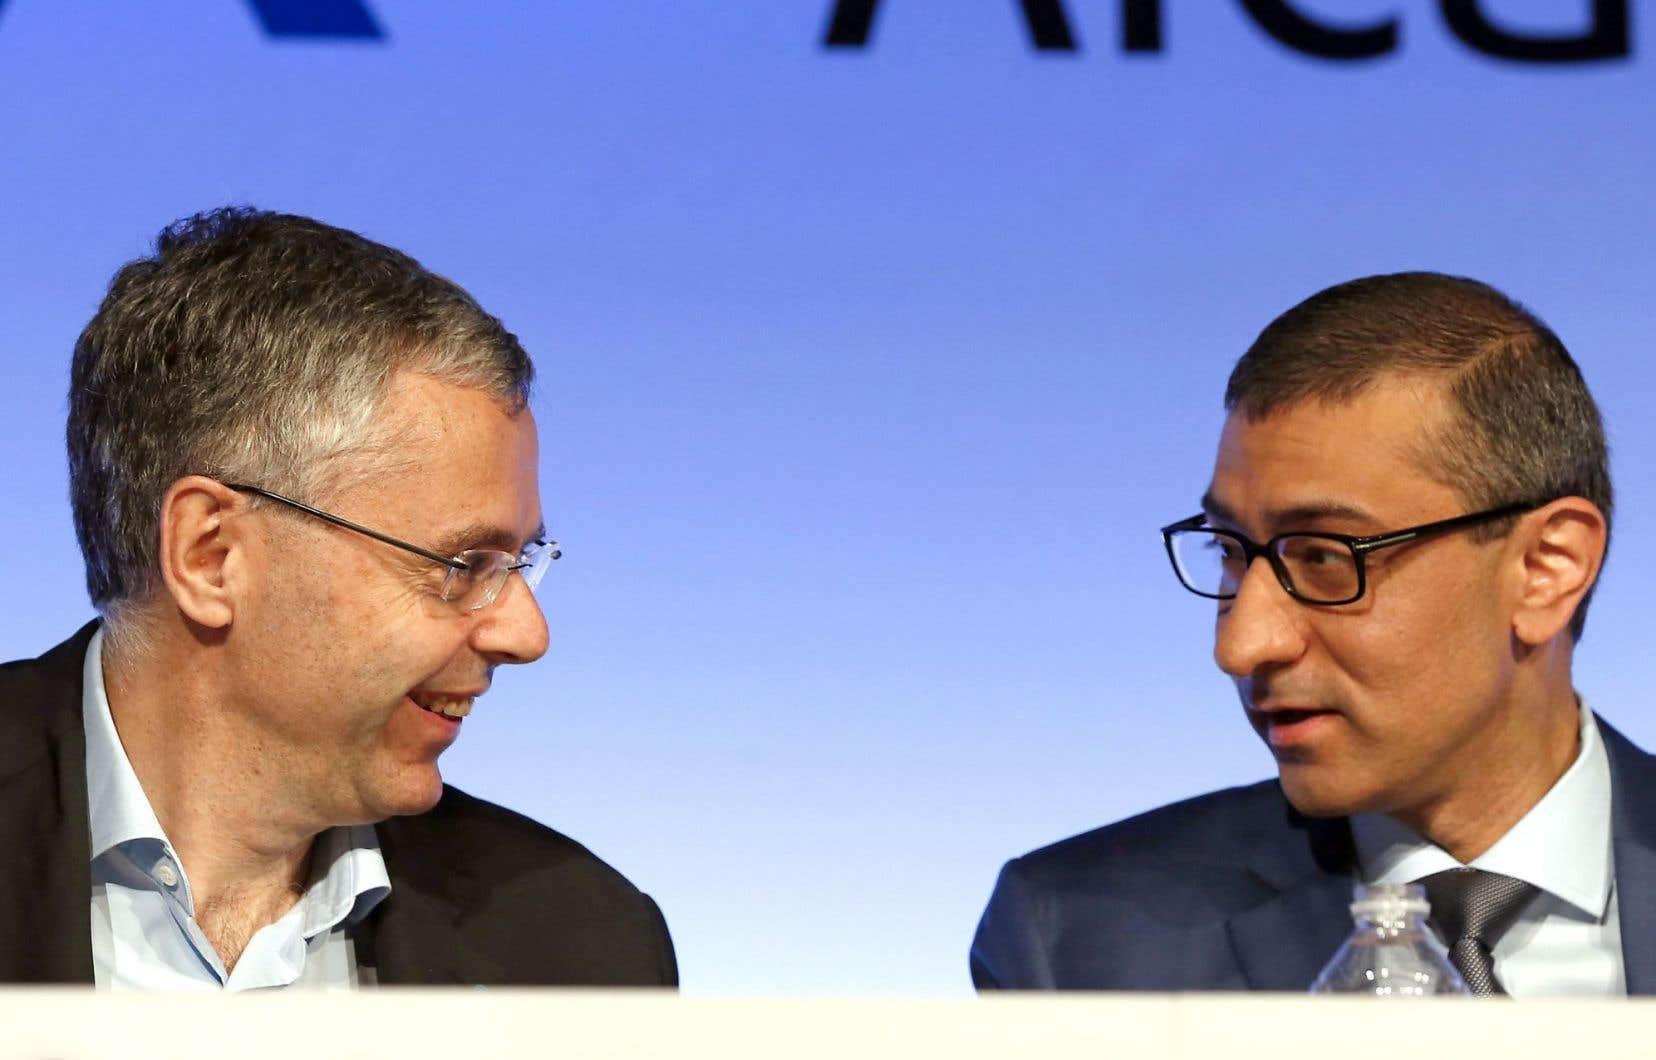 Le chef de la direction d'Alcatel-Lucent, Michel Combes, et celui de Nokia, Rajeev Suri, lors de la conférence de presse.